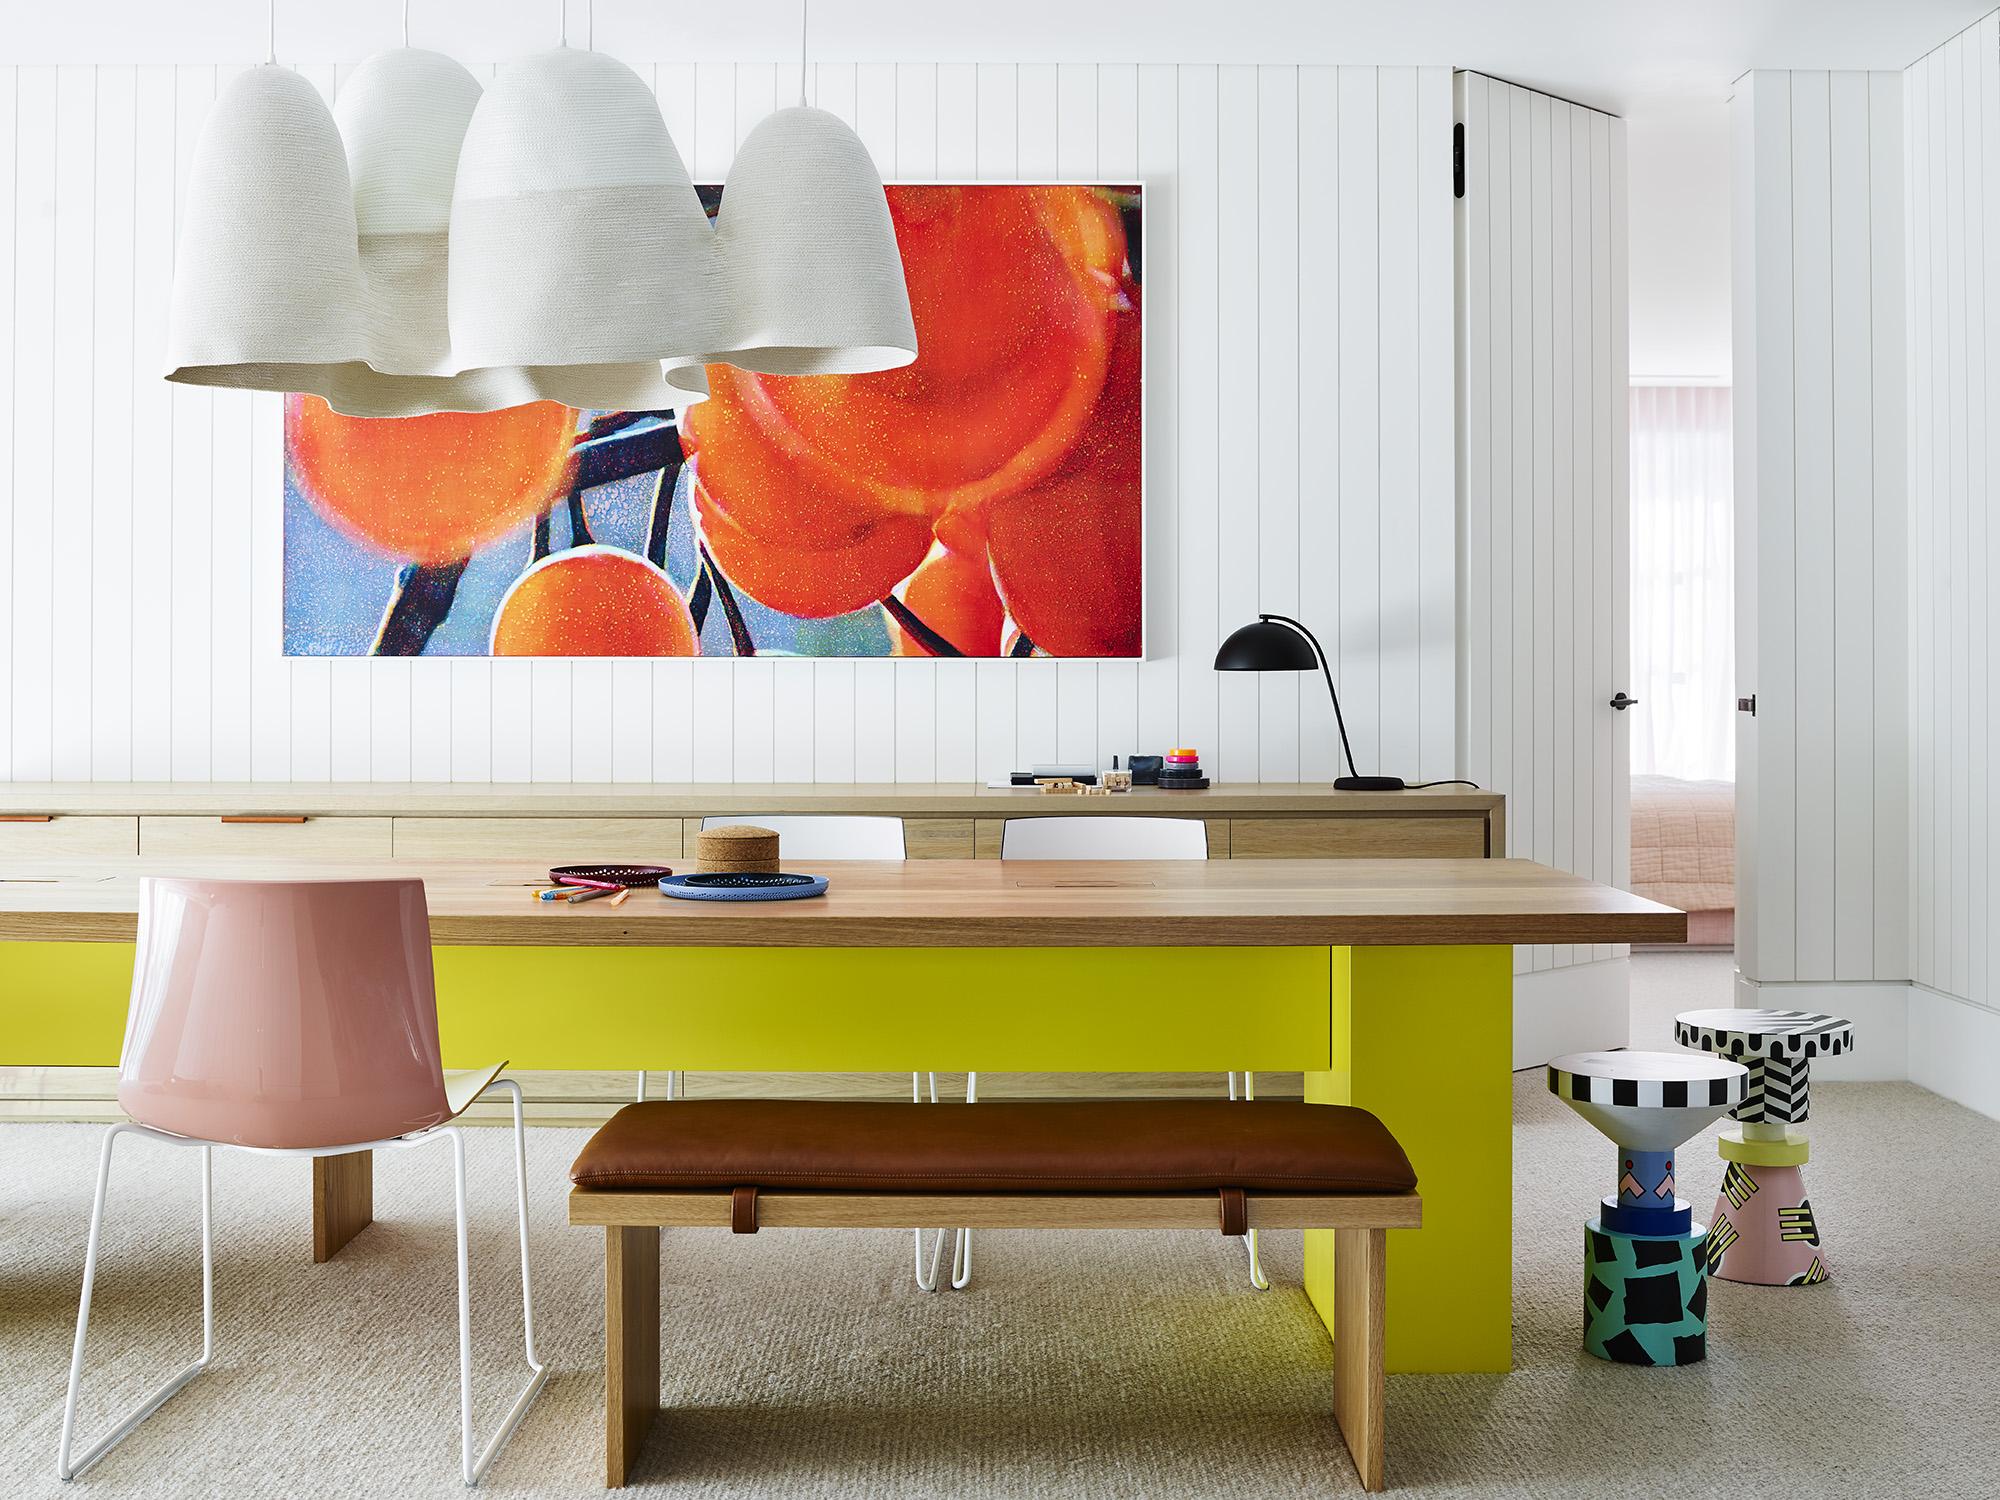 Art room designed by Decus Interiors